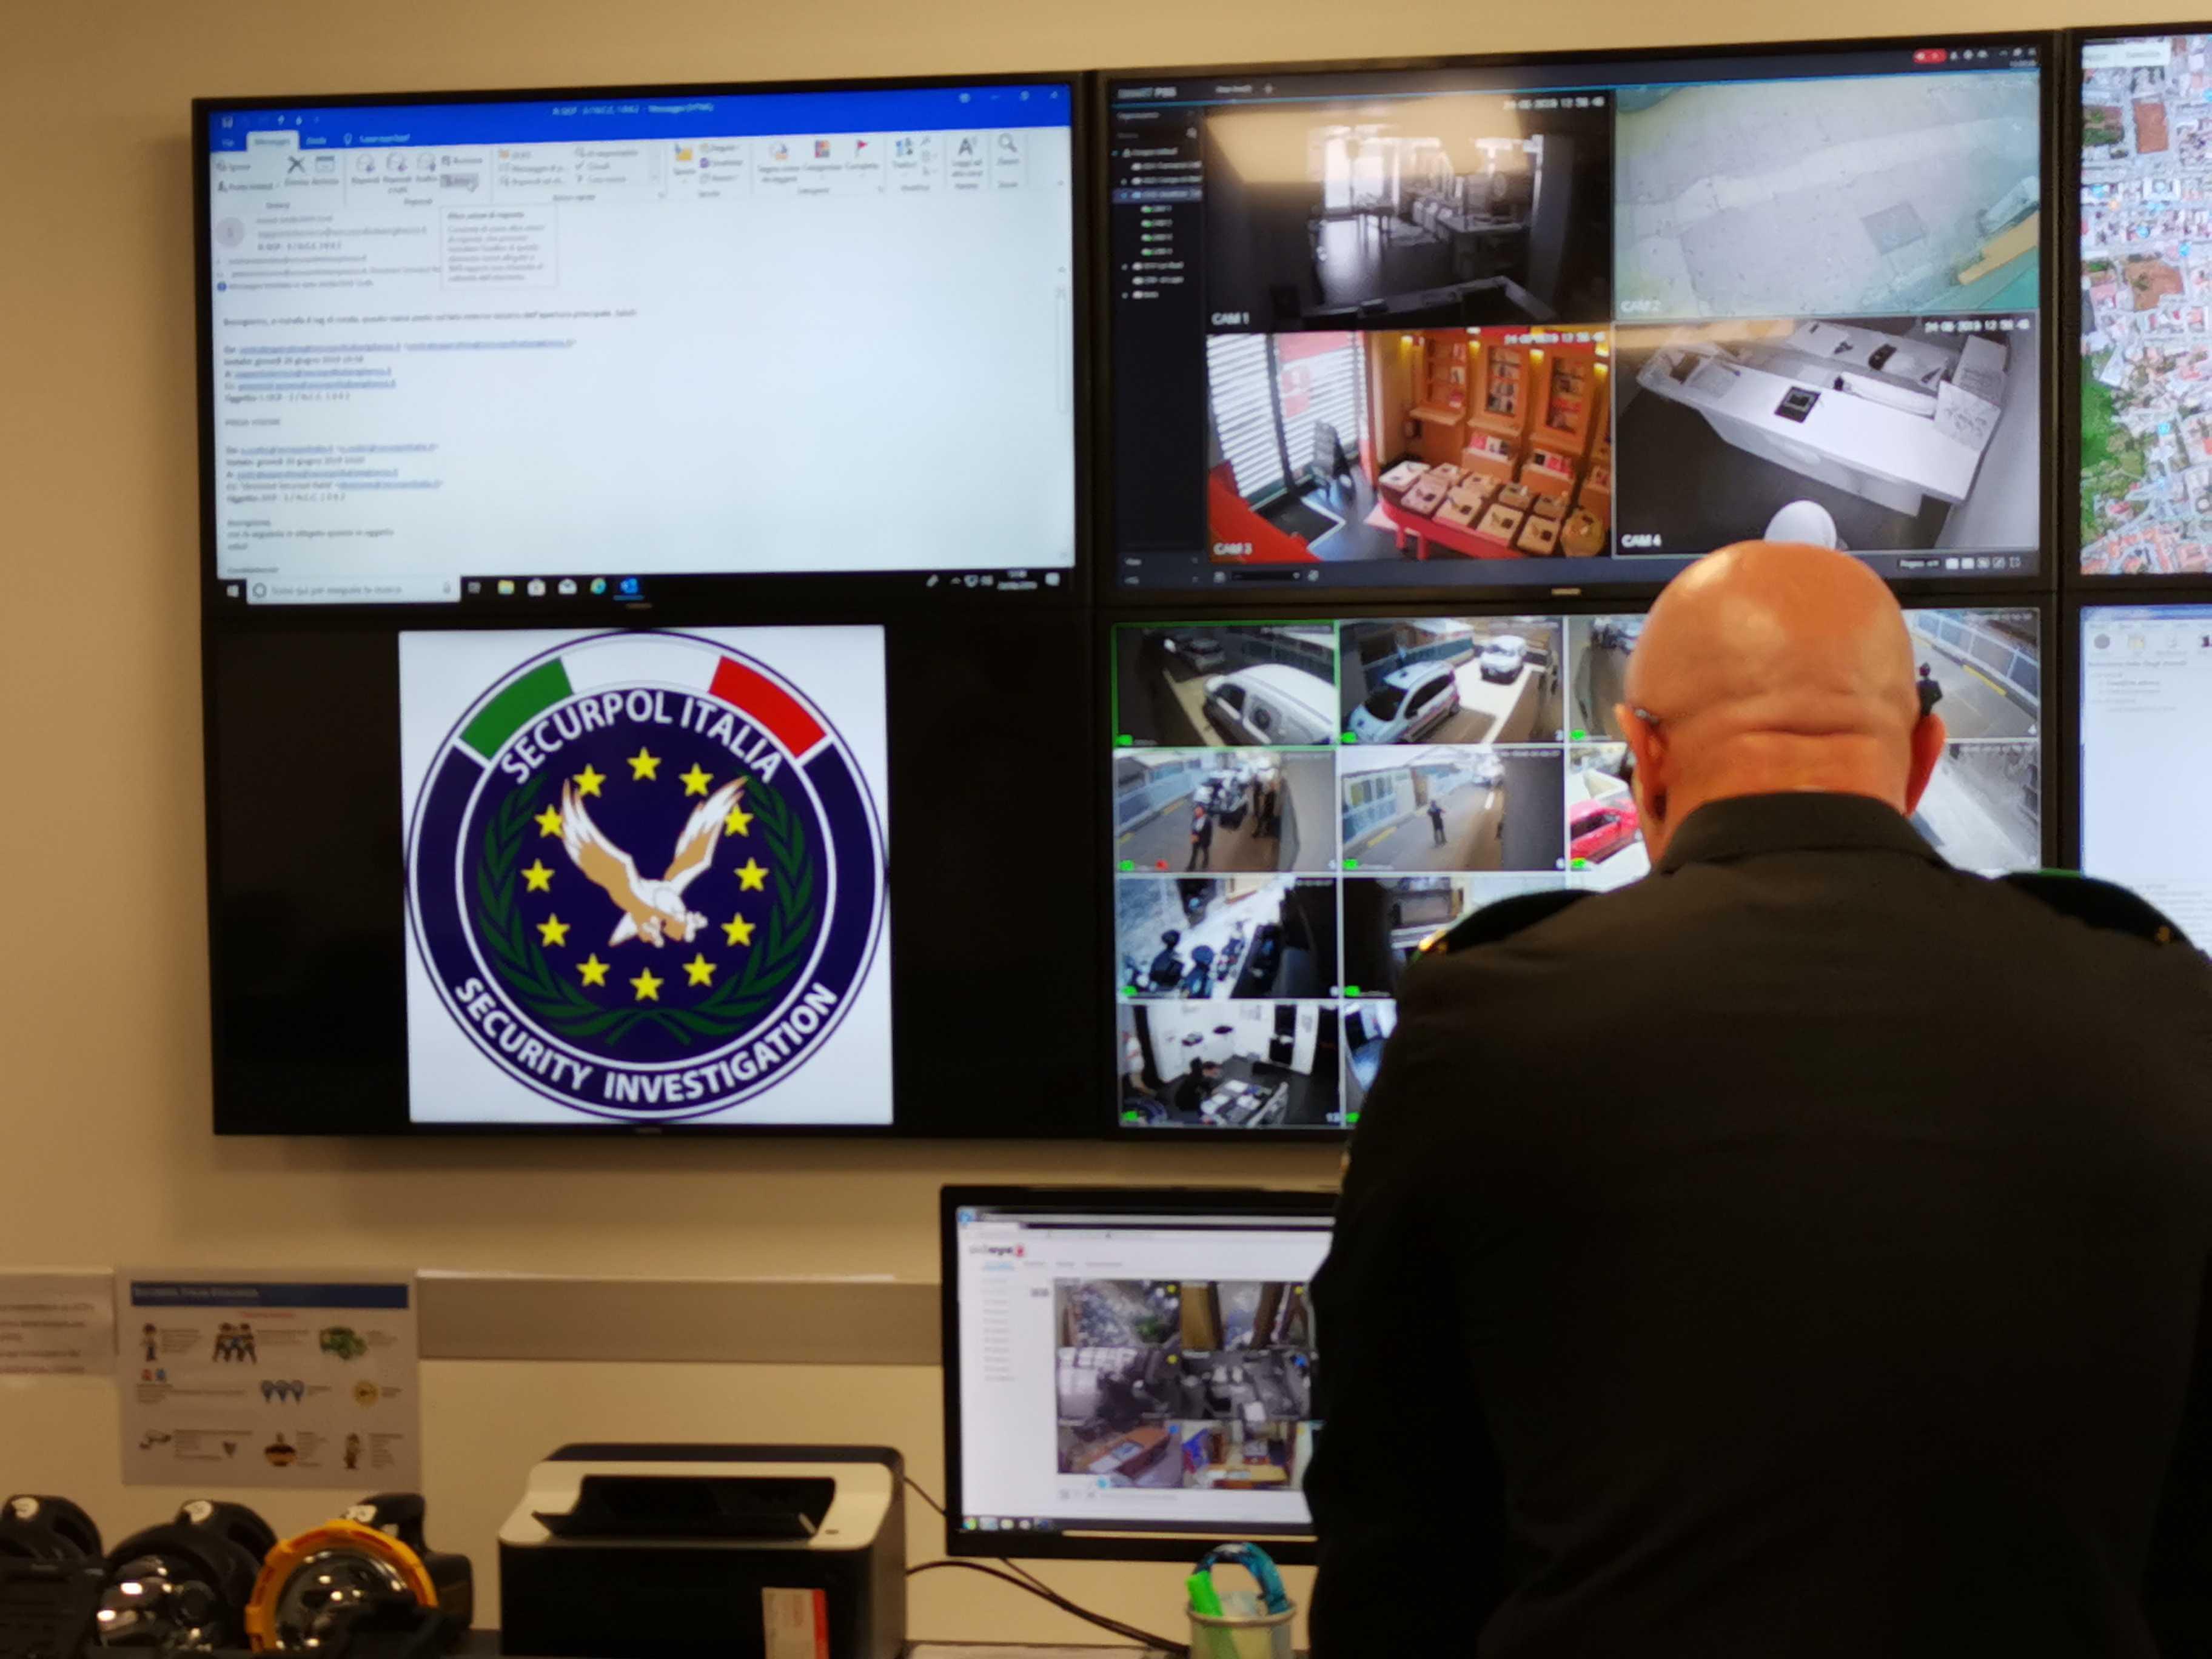 gestione allarmi videosorveglianza